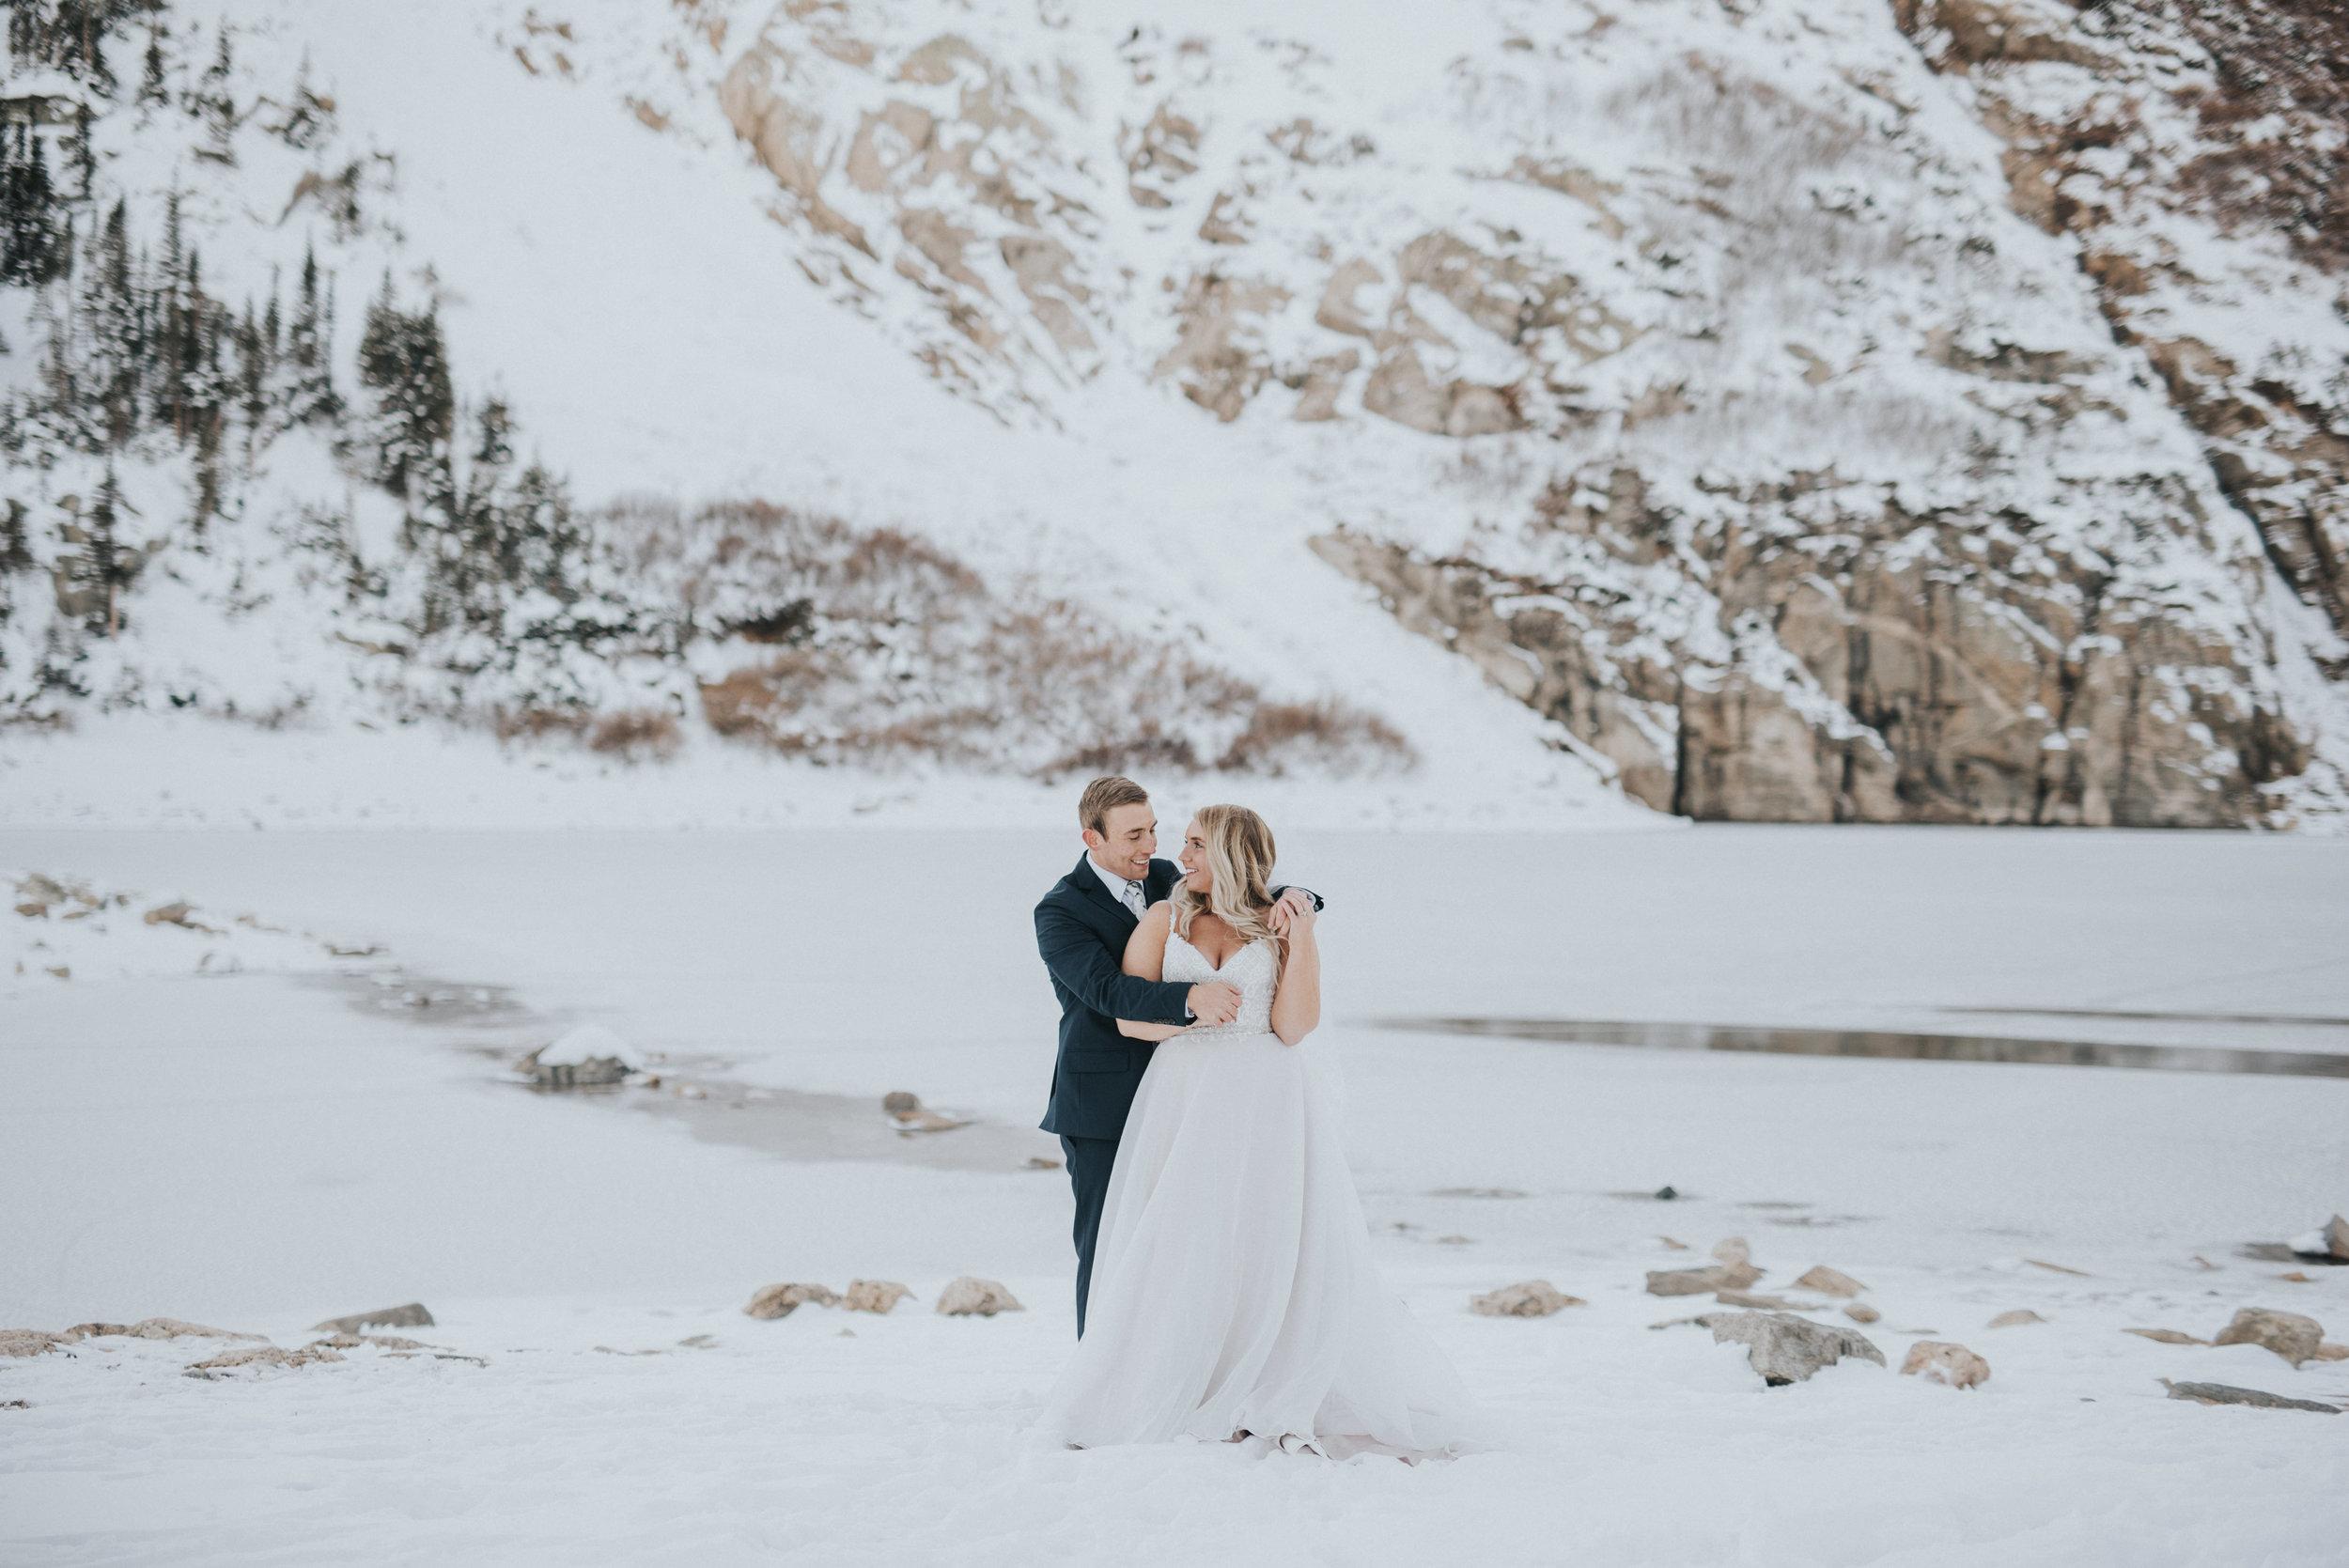 snowy wedding day colorado